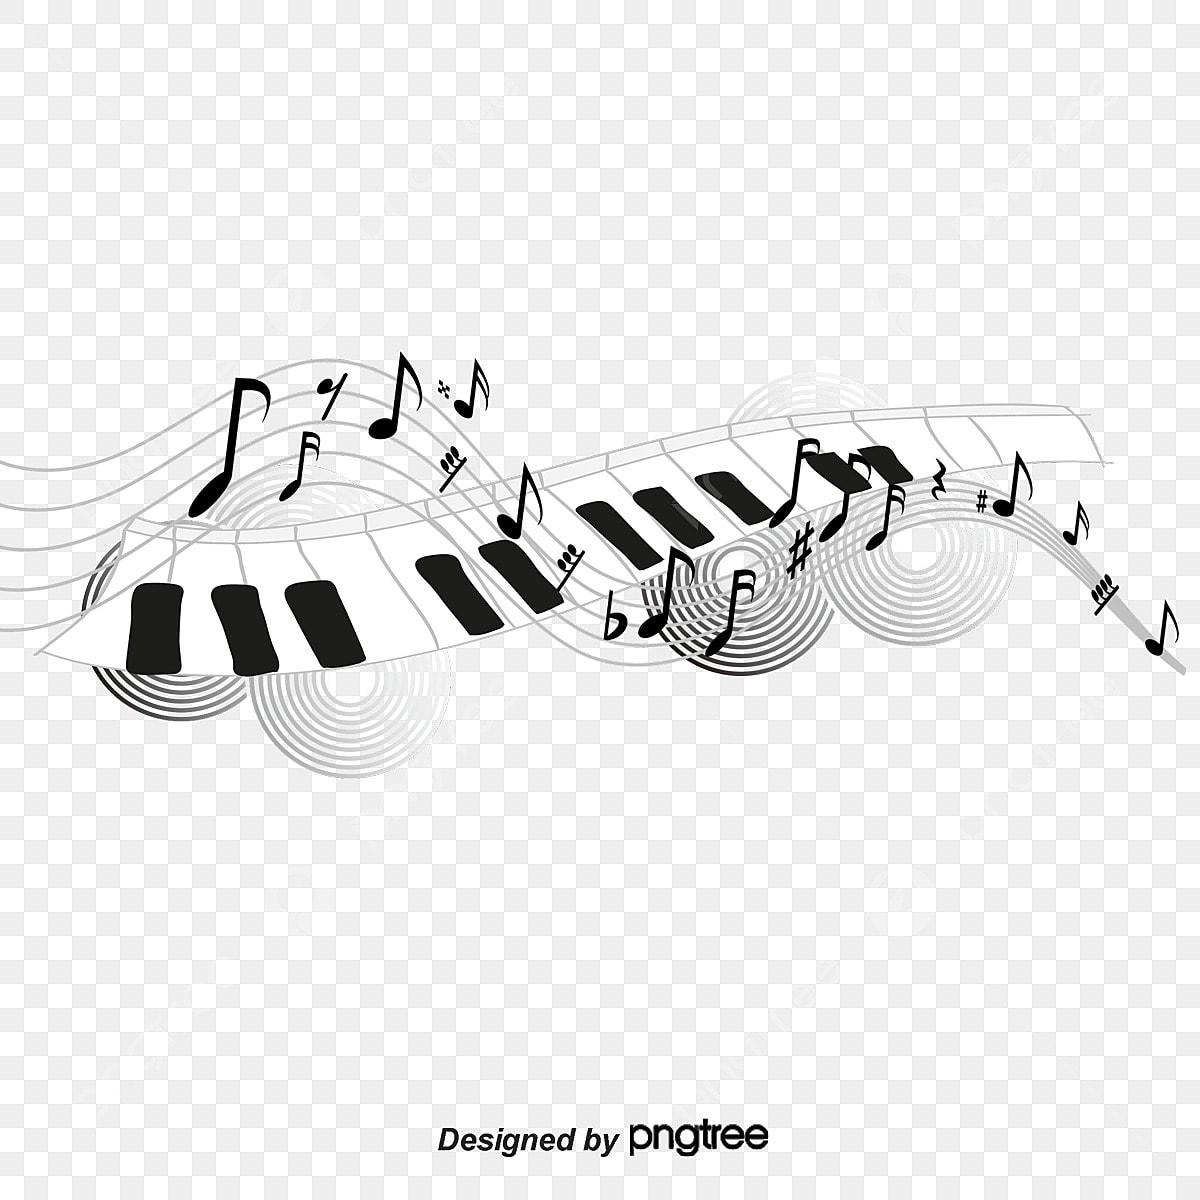 Notes De Musique De Chanson Clipart Musique Notes De Danse Touches De Piano Fichier Png Et Psd Pour Le Telechargement Libre